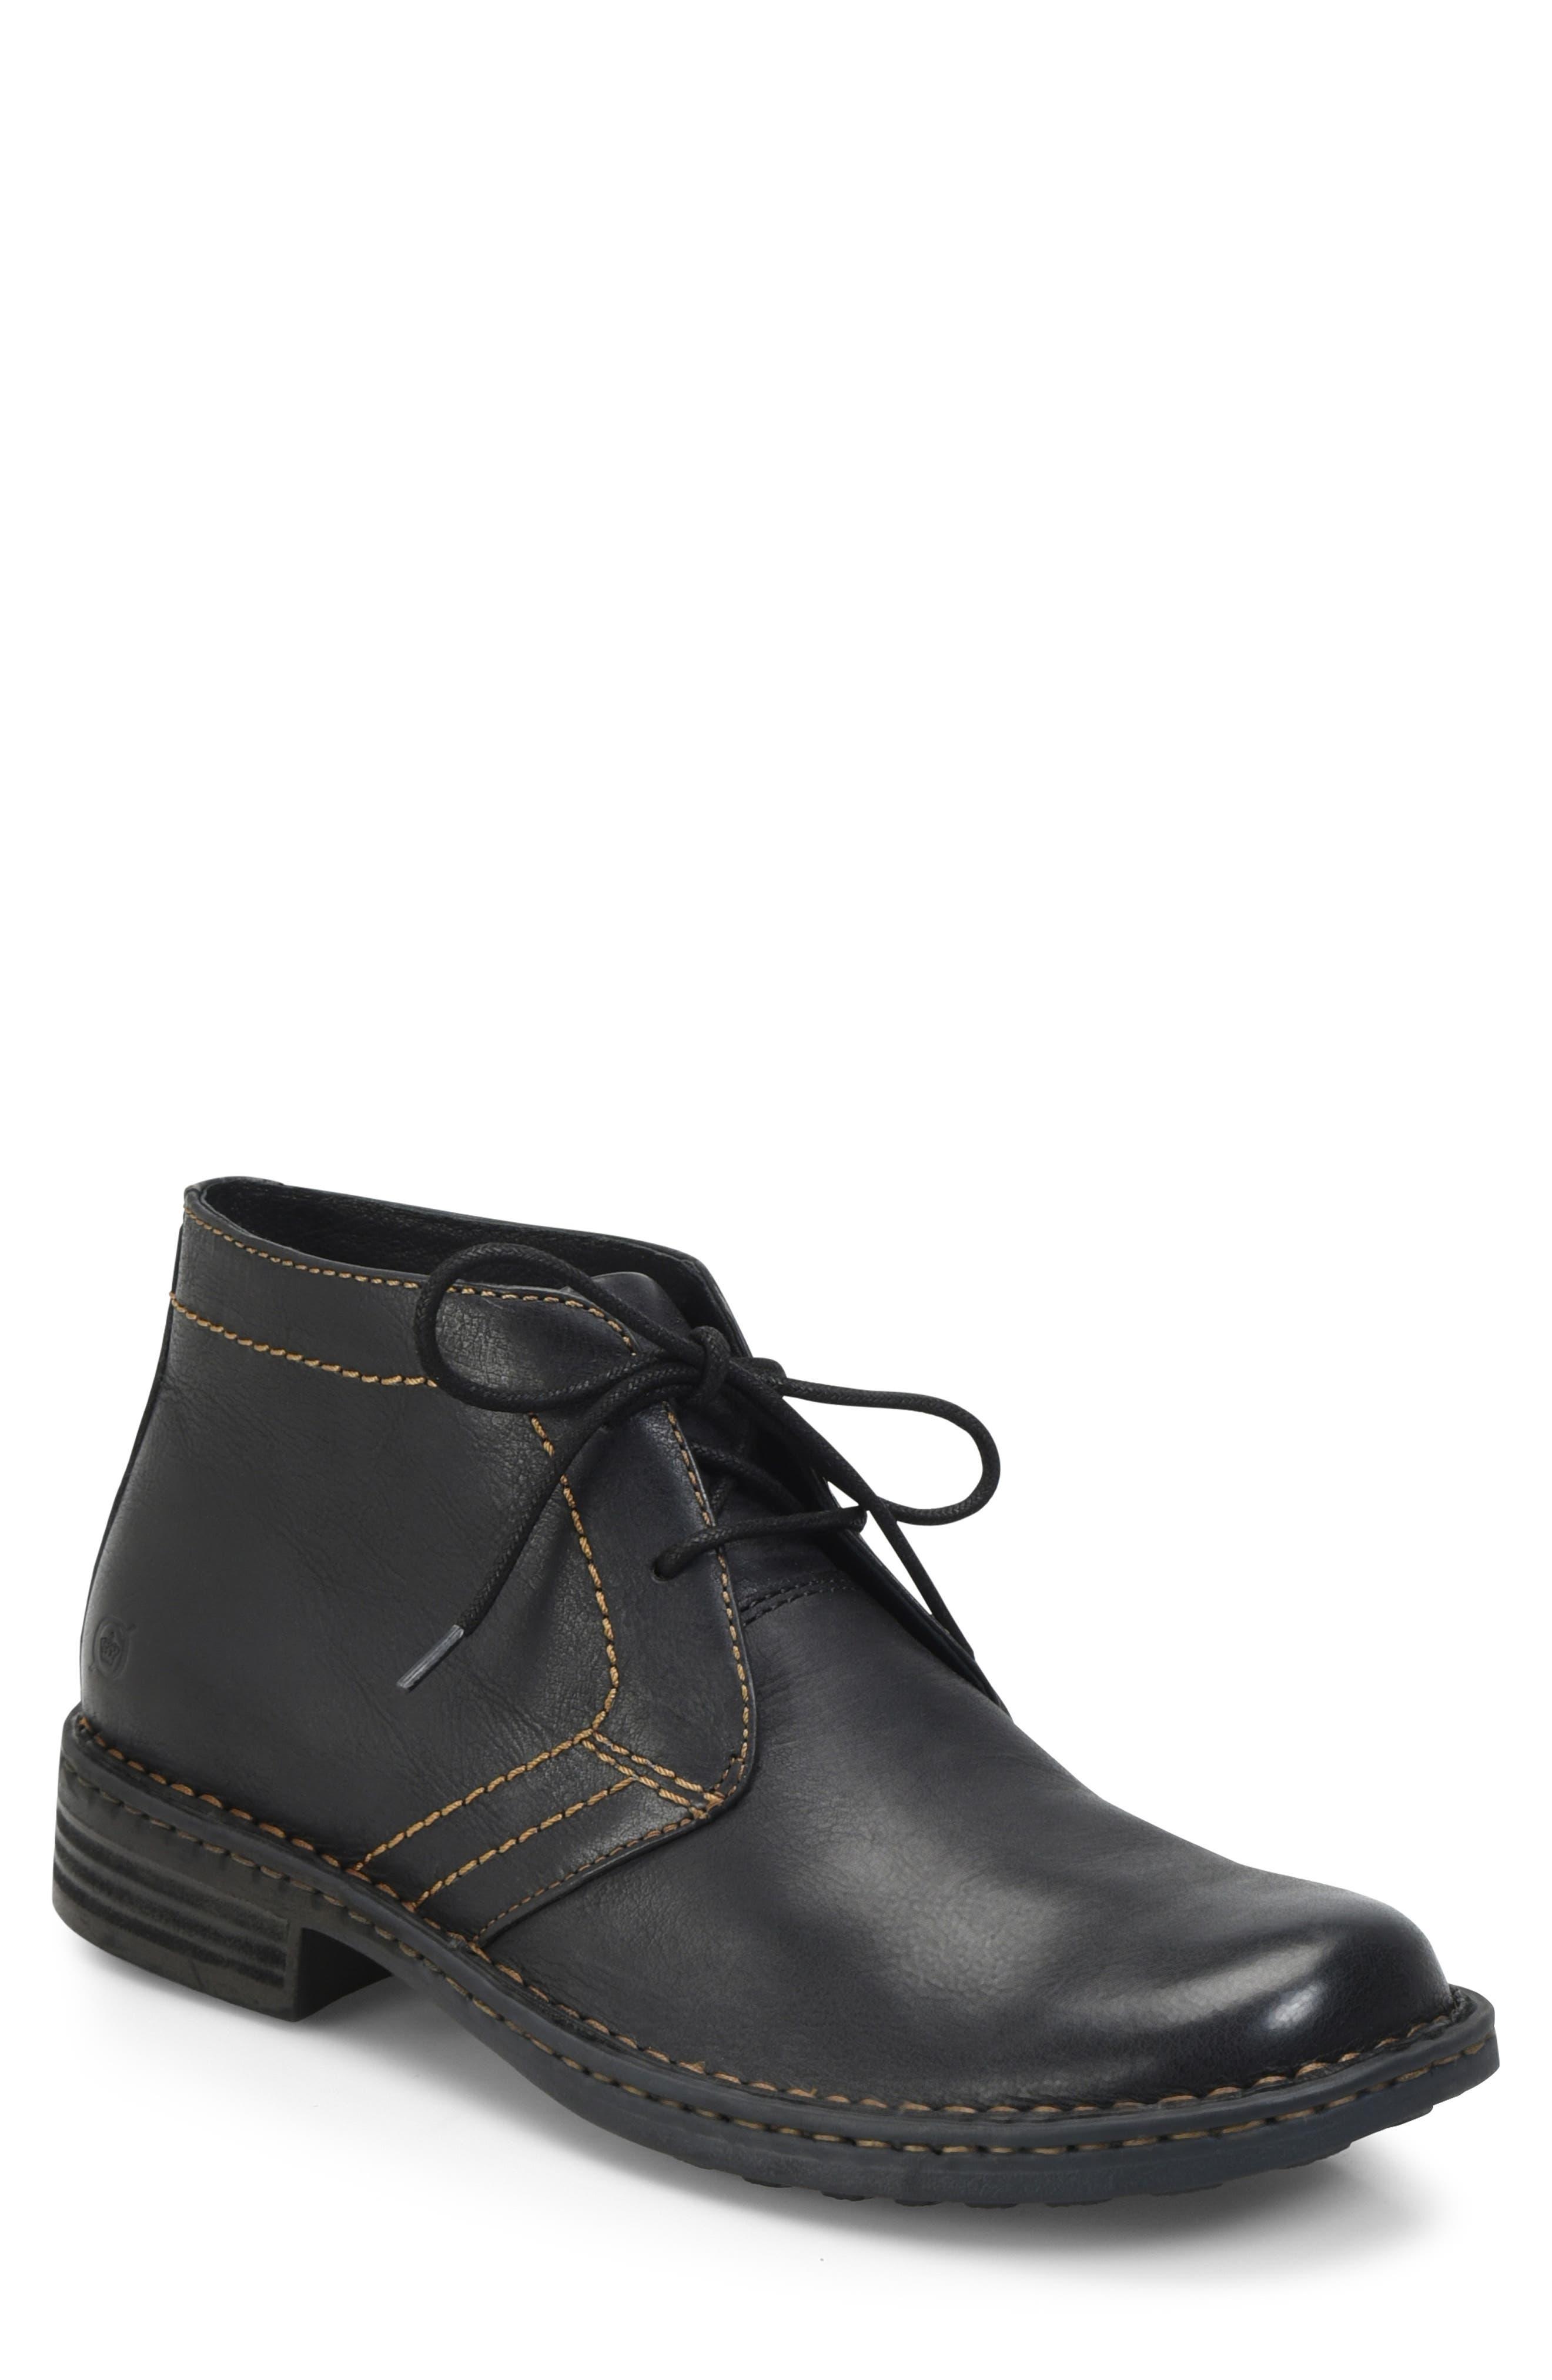 4a4038f8329 Men's Born Boots